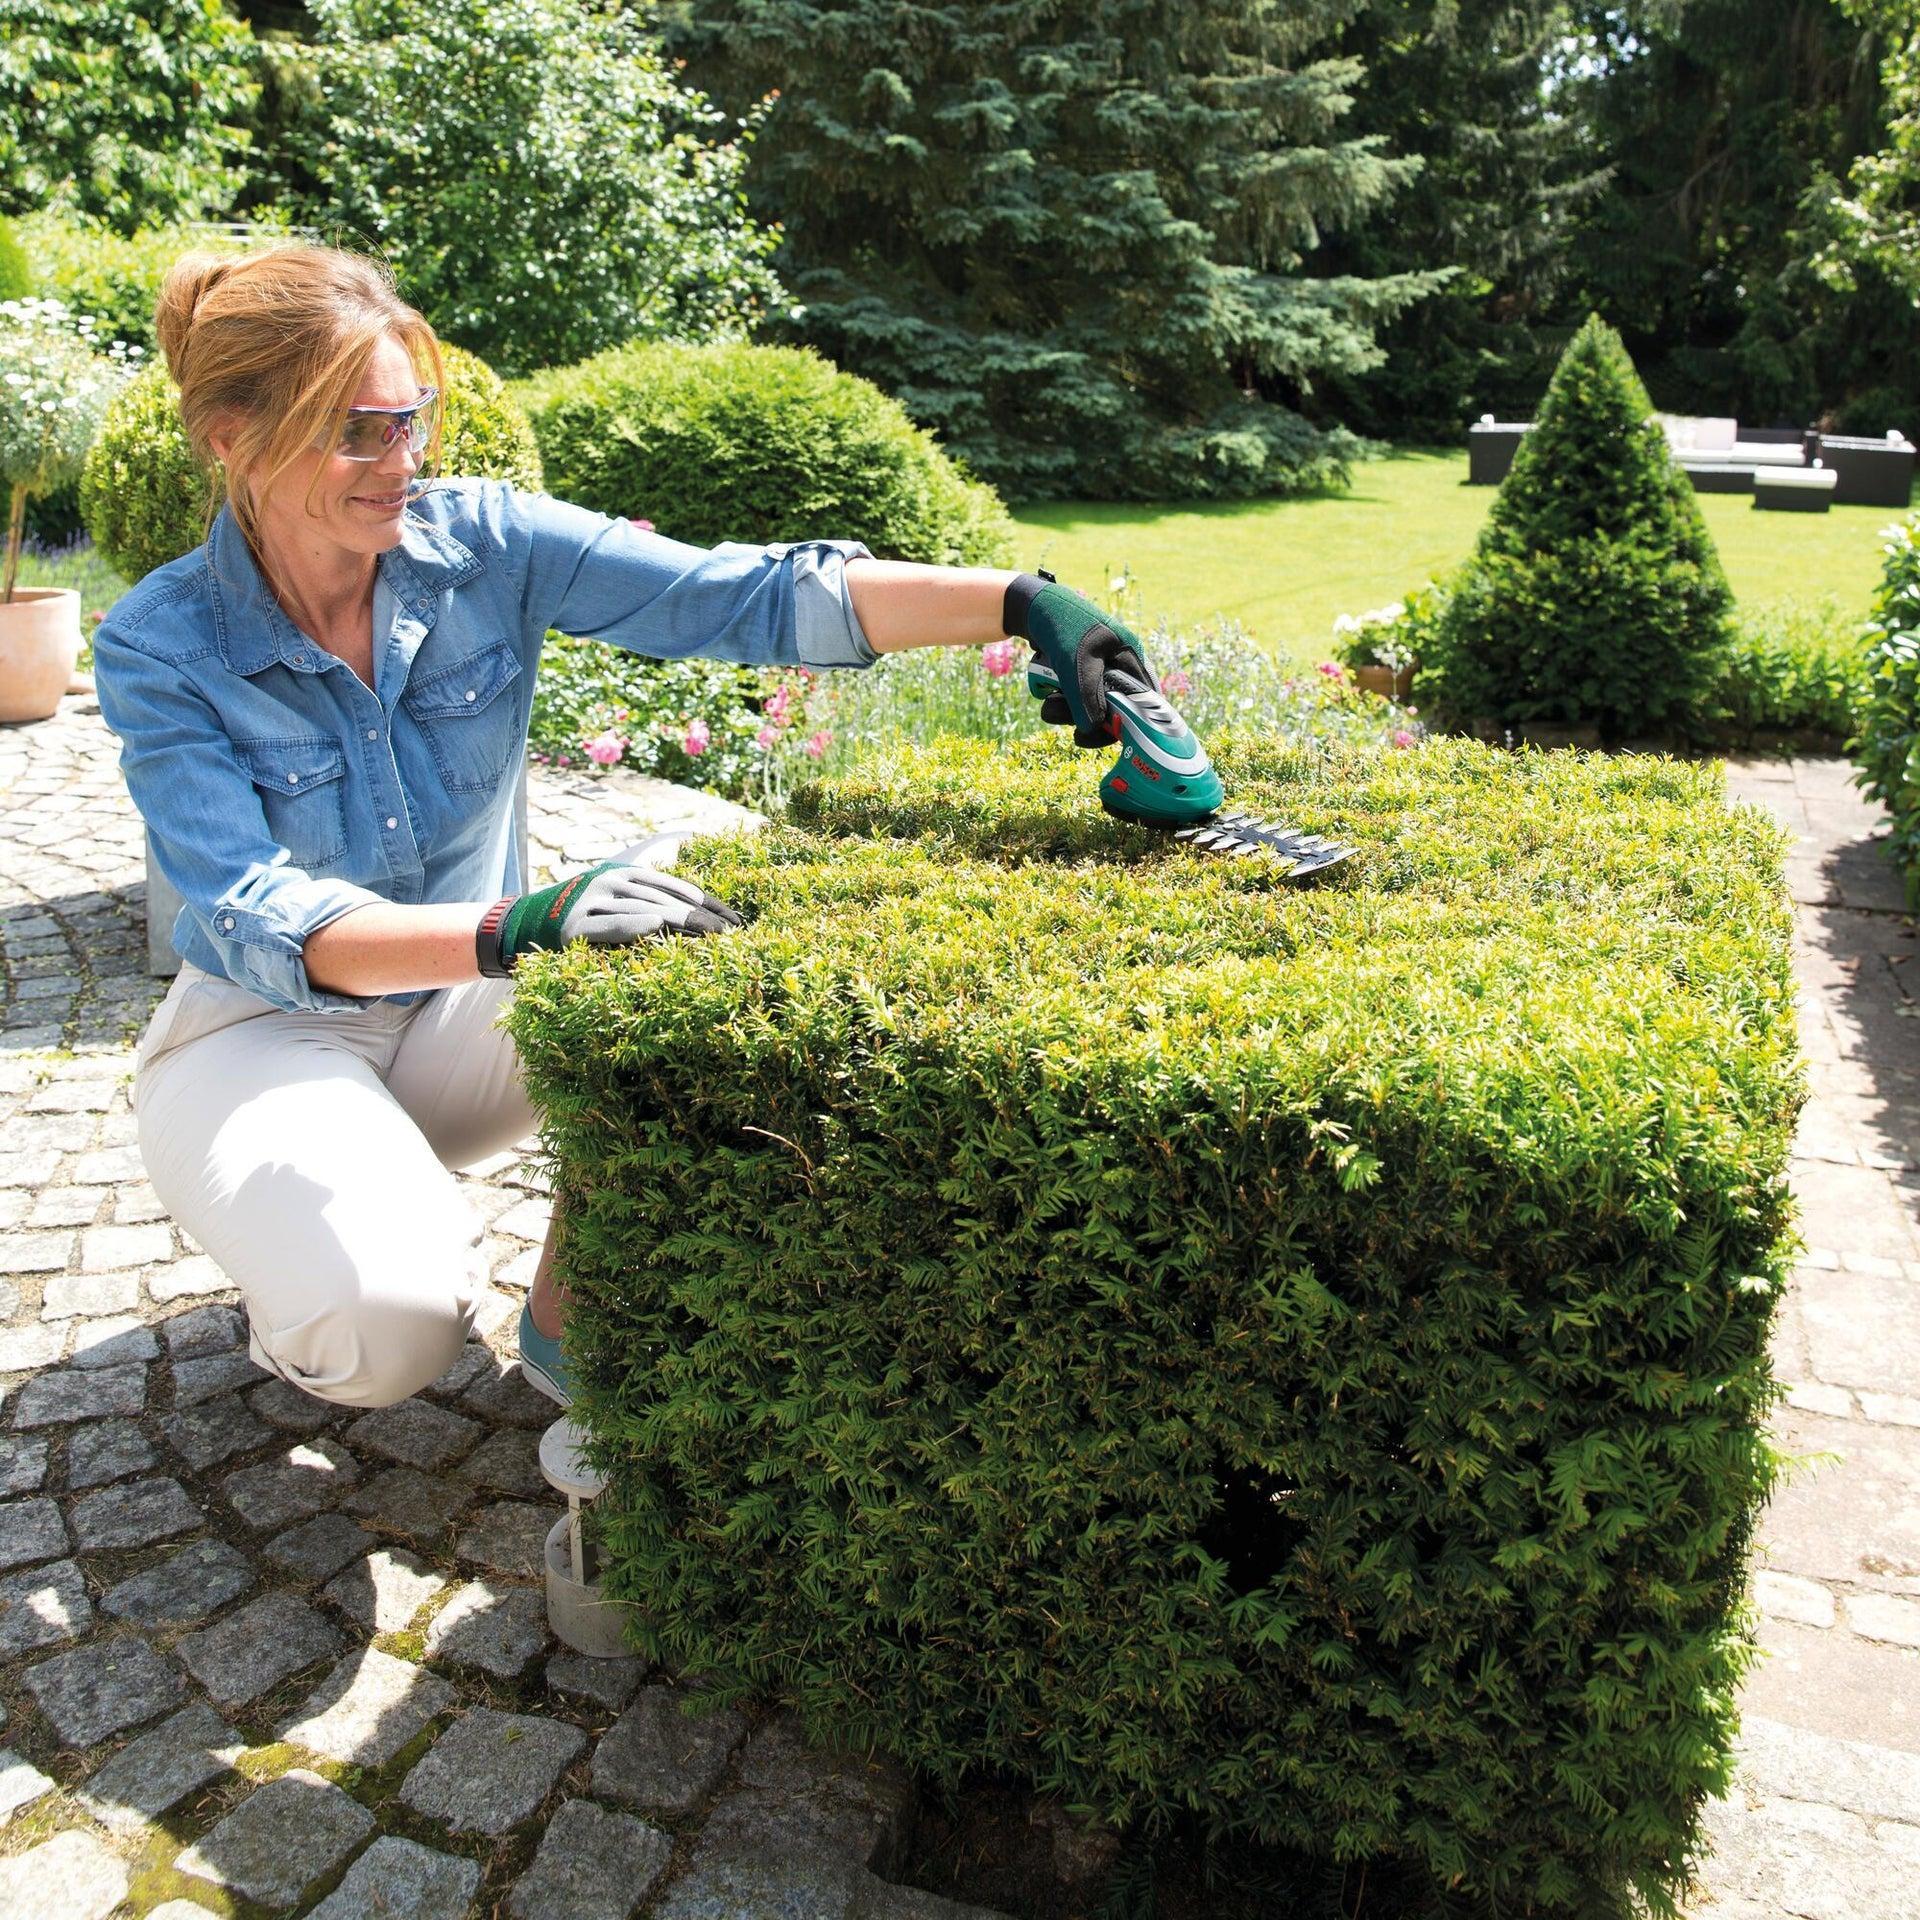 Forbici da giardino BOSCH Isio 3 doppia lama 8 cm - 3